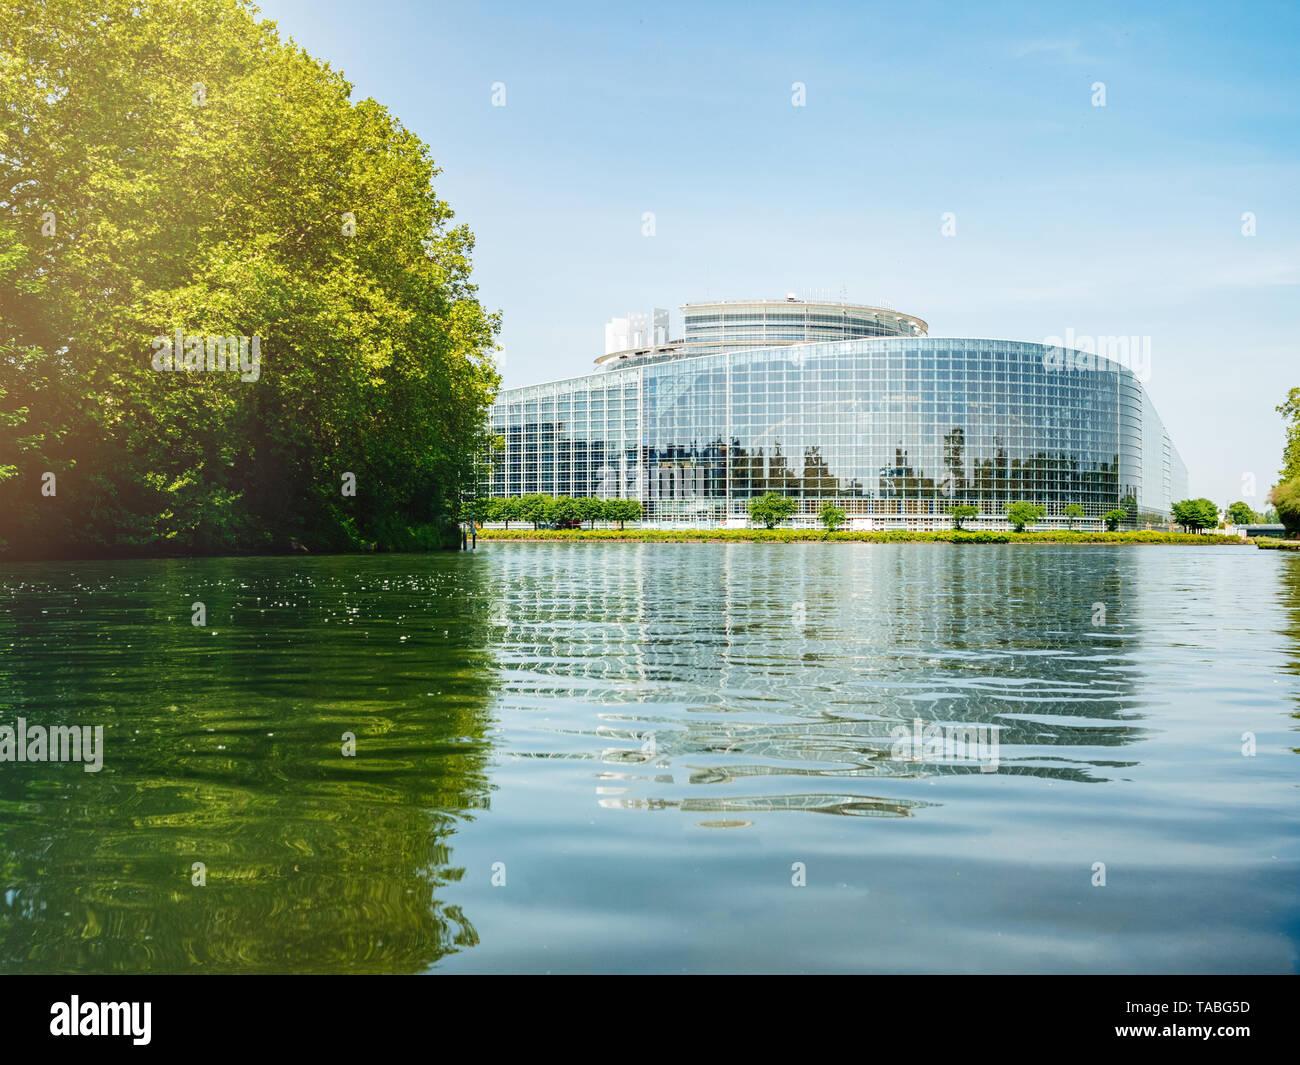 Basso angolo di visualizzazione ampia facciata del Parlamento europeo in sede di Strasburgo un giorno prima del 2019 sulle elezioni per il Parlamento europeo - cielo blu chiaro e tranquillo fiume Ill acqua luce solare flare. Foto Stock